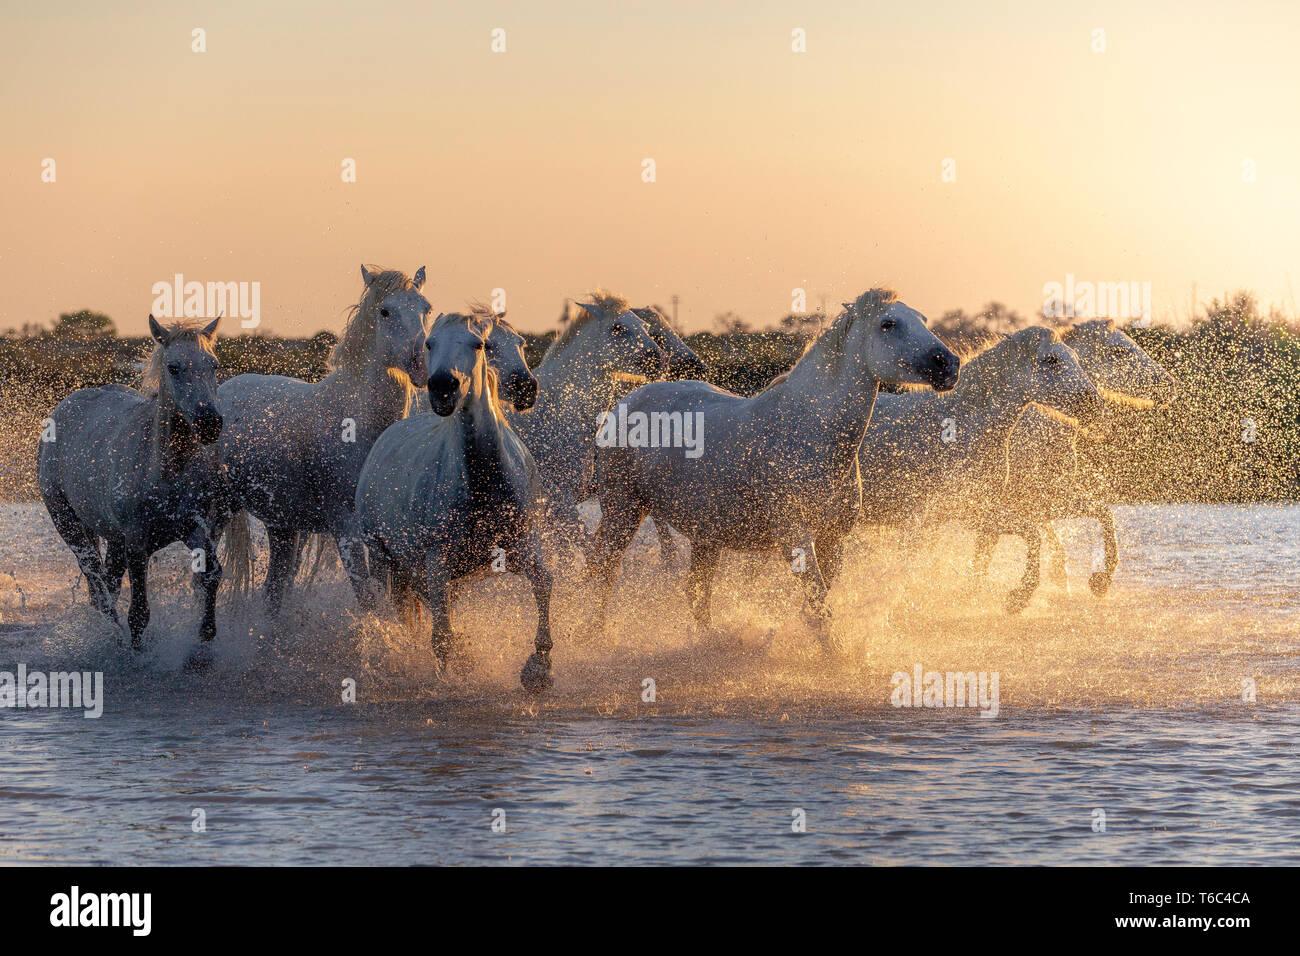 Weiß wilde Pferde der Camargue, die auf Wasser, Aigues Mortes, Südfrankreich. Stockfoto